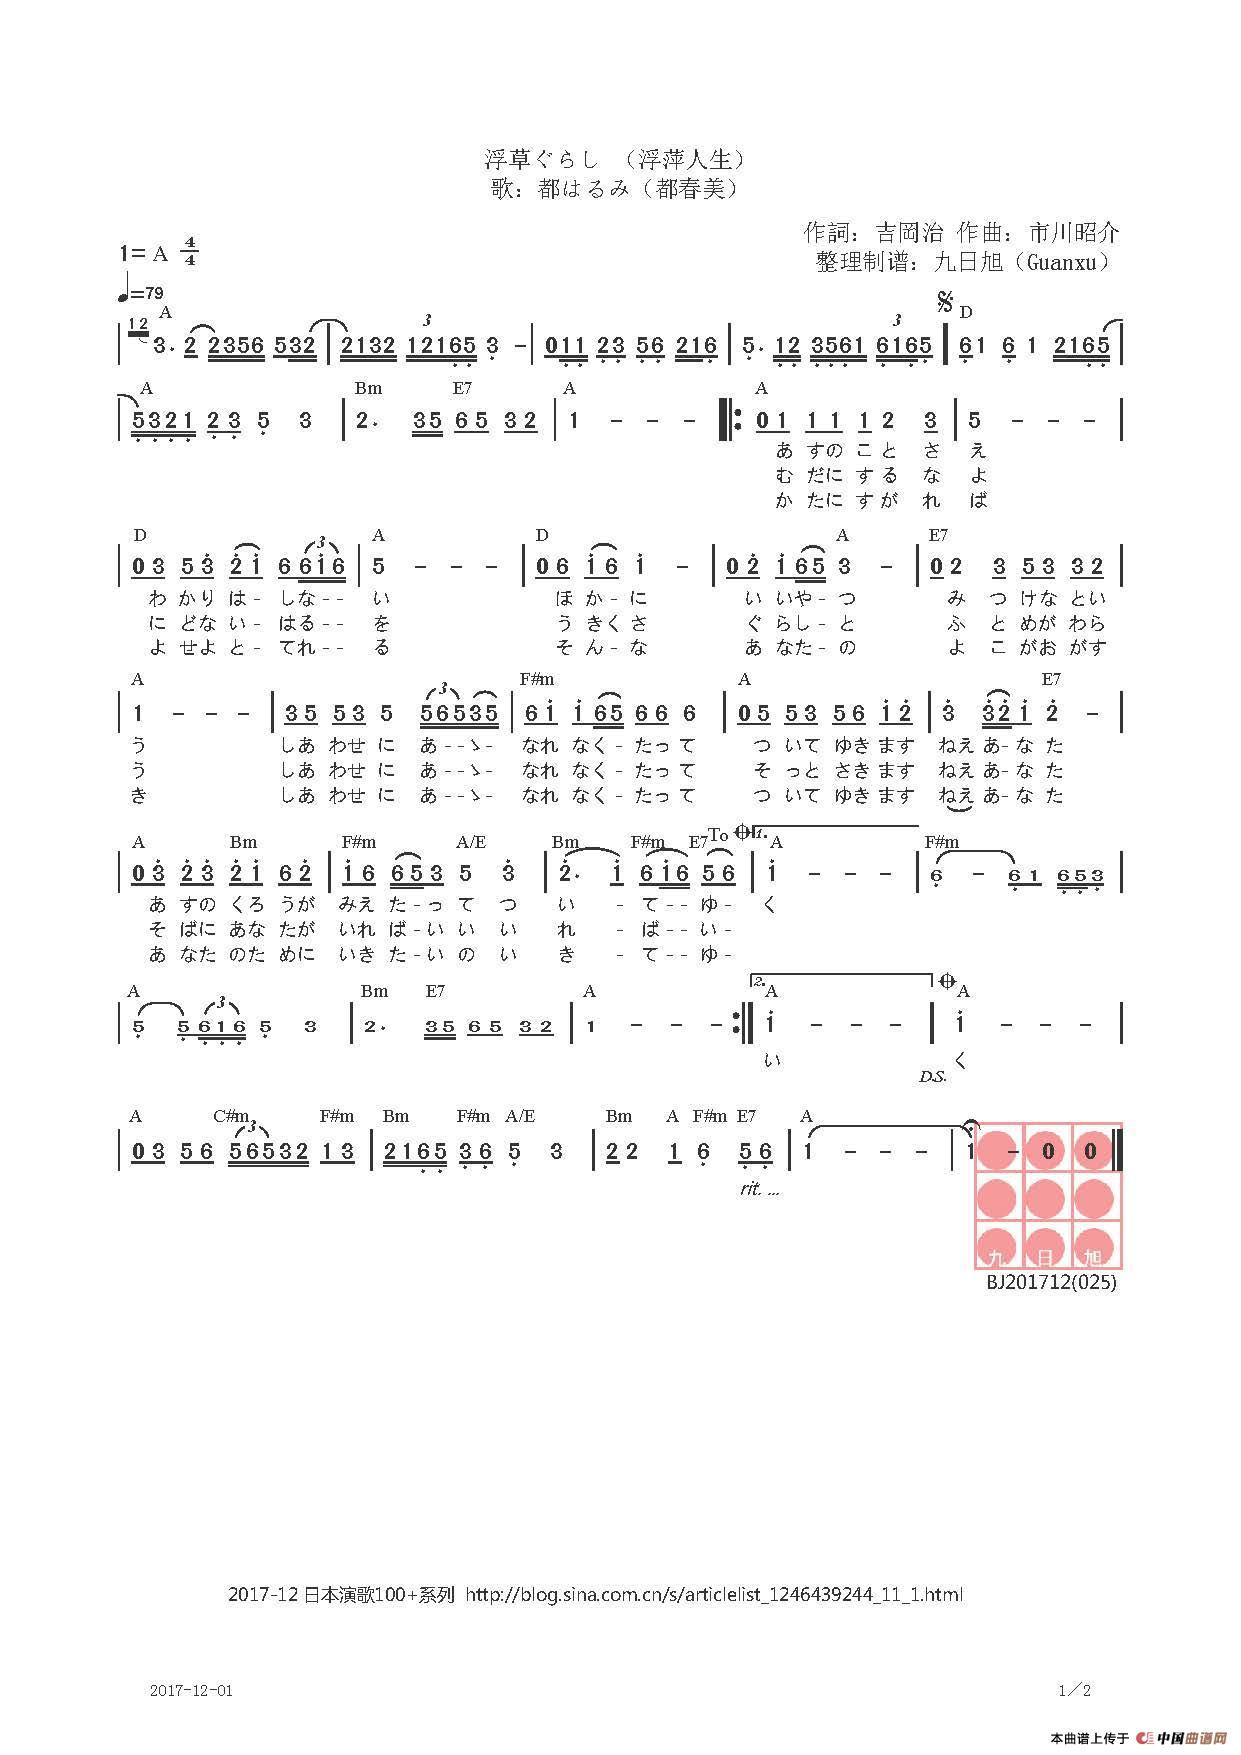 【日】浮草ぐらし(浮萍人生)(1)_原文件名:浮草ぐらし(日语简谱)_页面_1.jpg